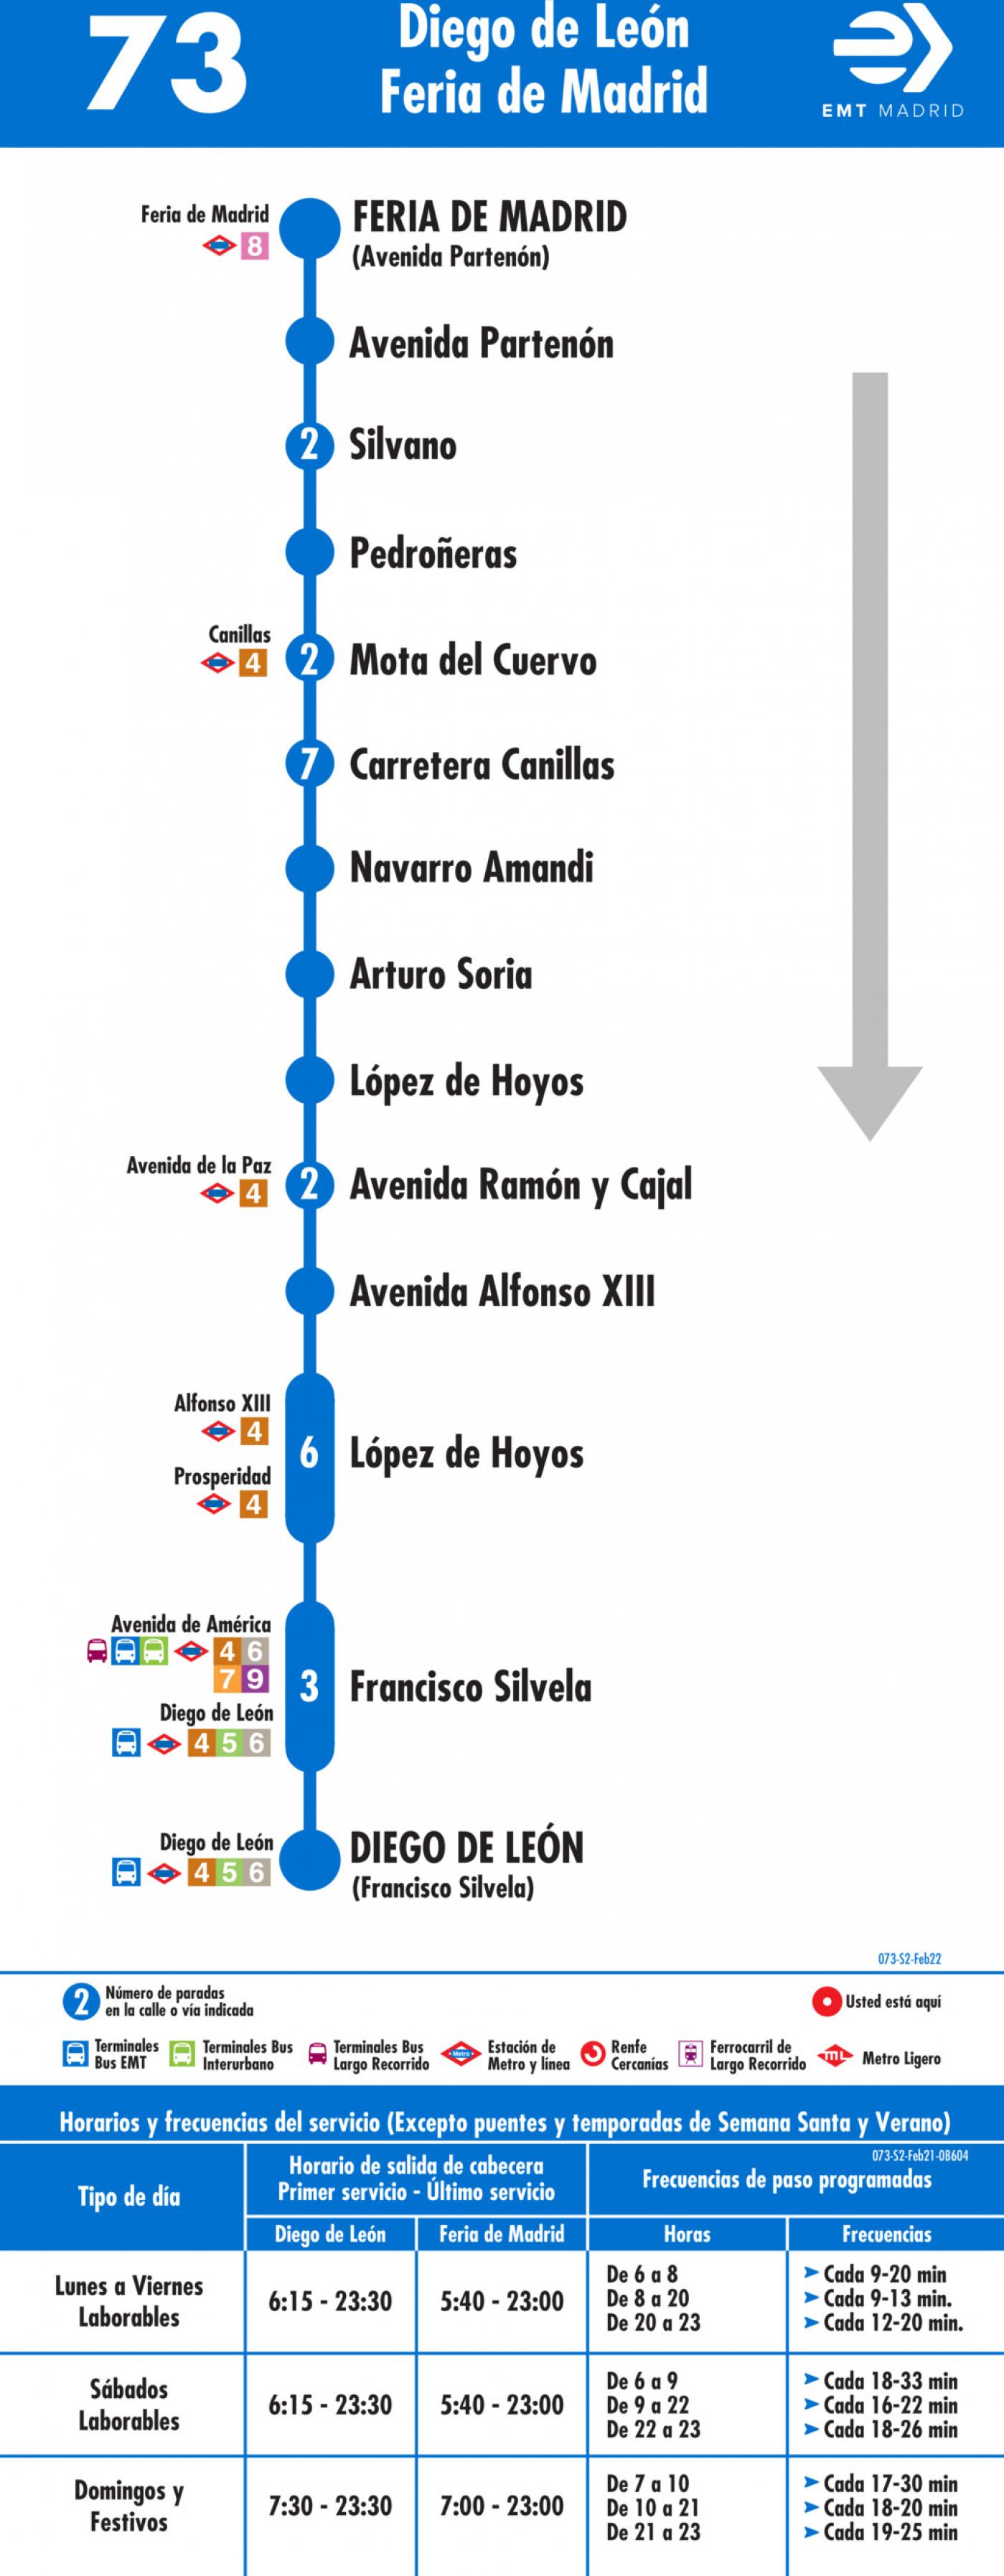 Tabla de horarios y frecuencias de paso en sentido vuelta Línea 73: Diego de León-Canillas